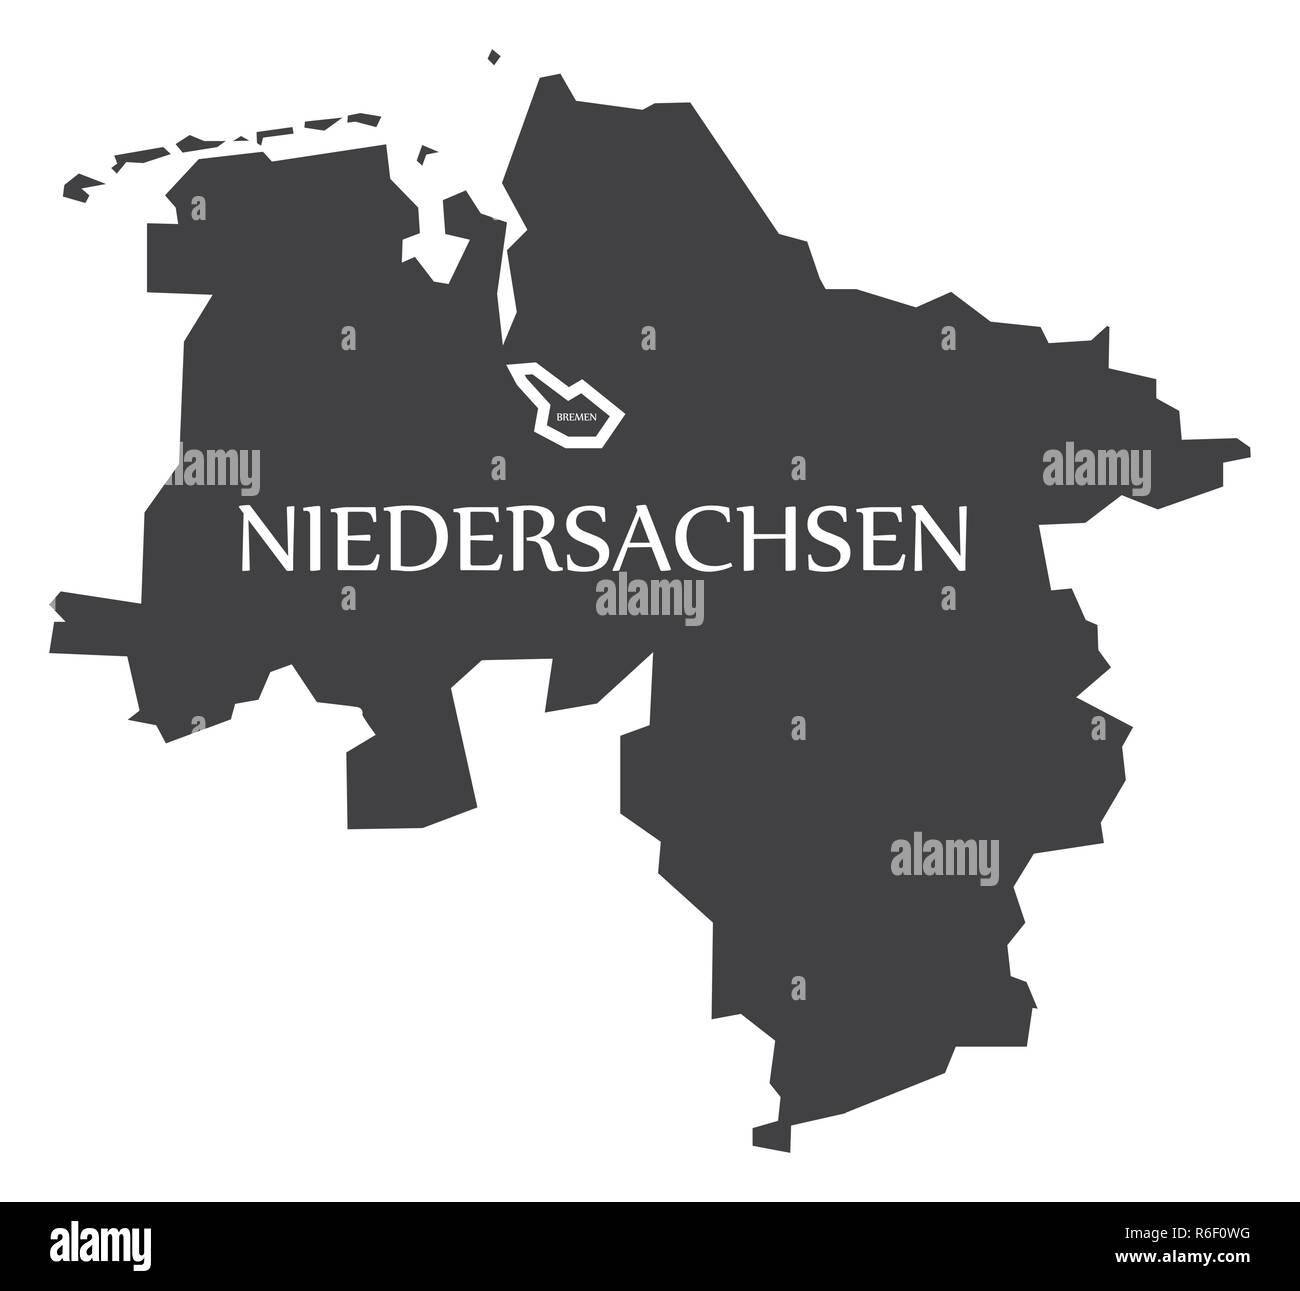 Bundesland Bremen Karte.Niedersachsen Bremen Bundesländer Karte Von Deutschland Schwarz